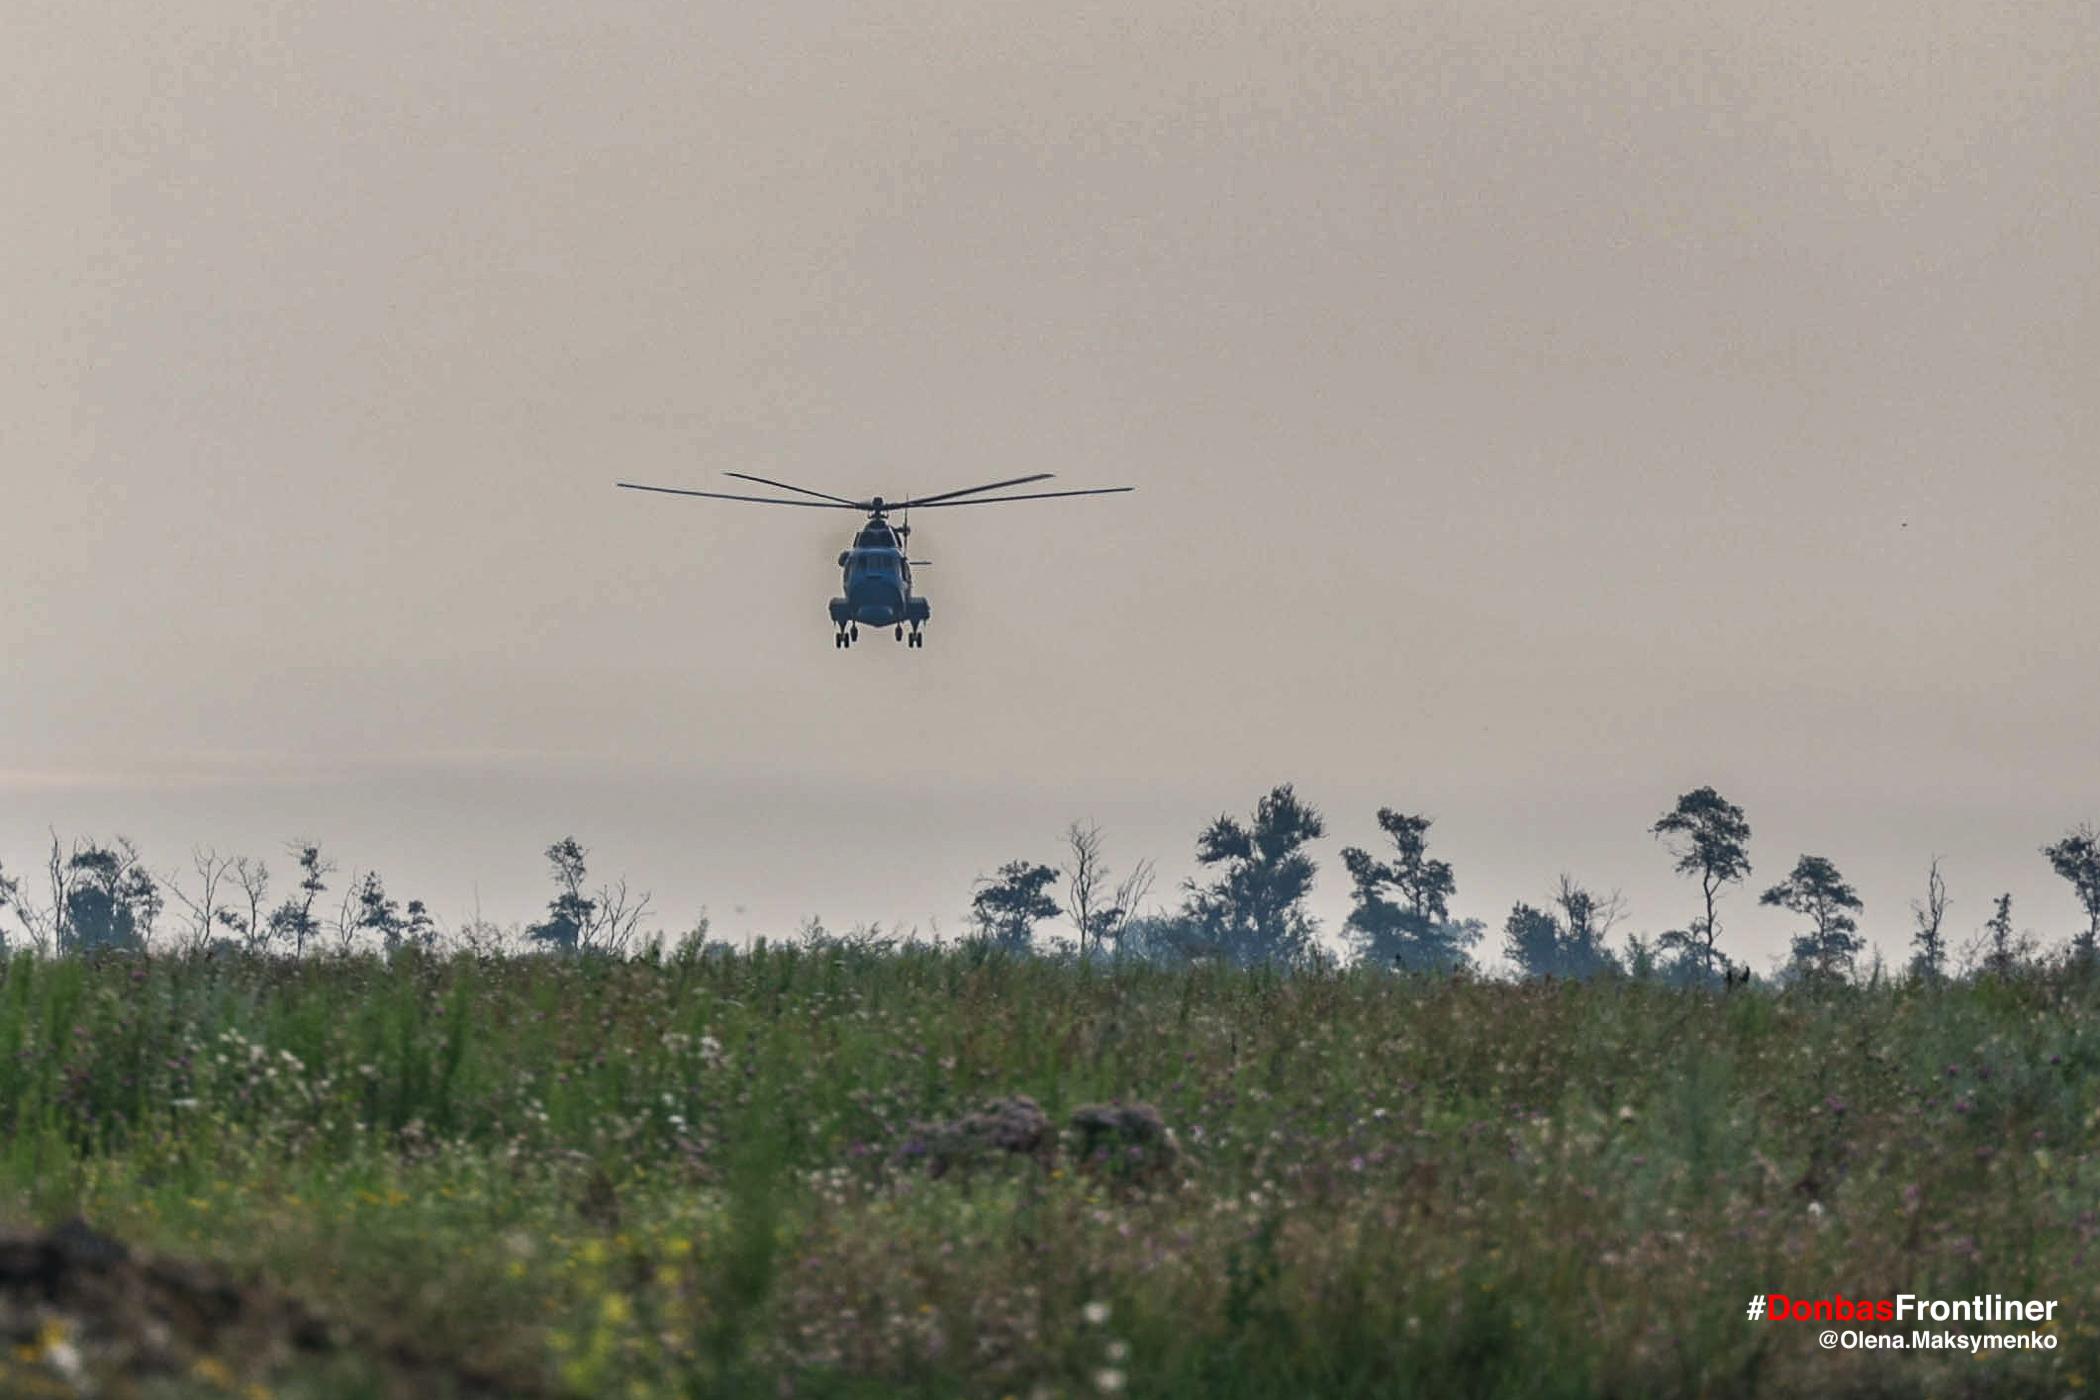 Гелікоптер. Бойове тренування 503-го батальйону морської піхоти на Приазов'ї, липень 2021 року